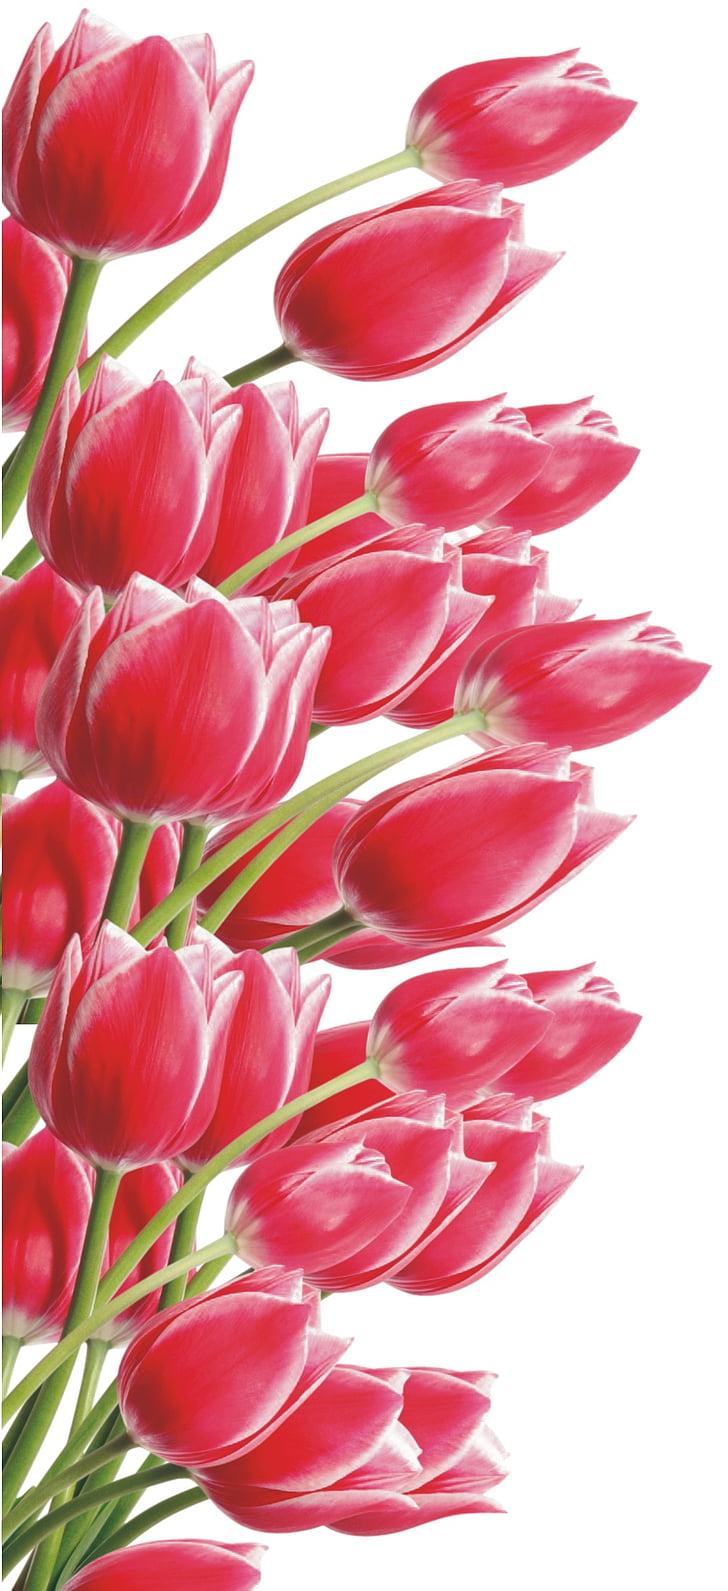 Lily, Hoa, màu đỏ, bó hoa, Lễ kỷ niệm, thanh lịch, cửa hàng Hoa